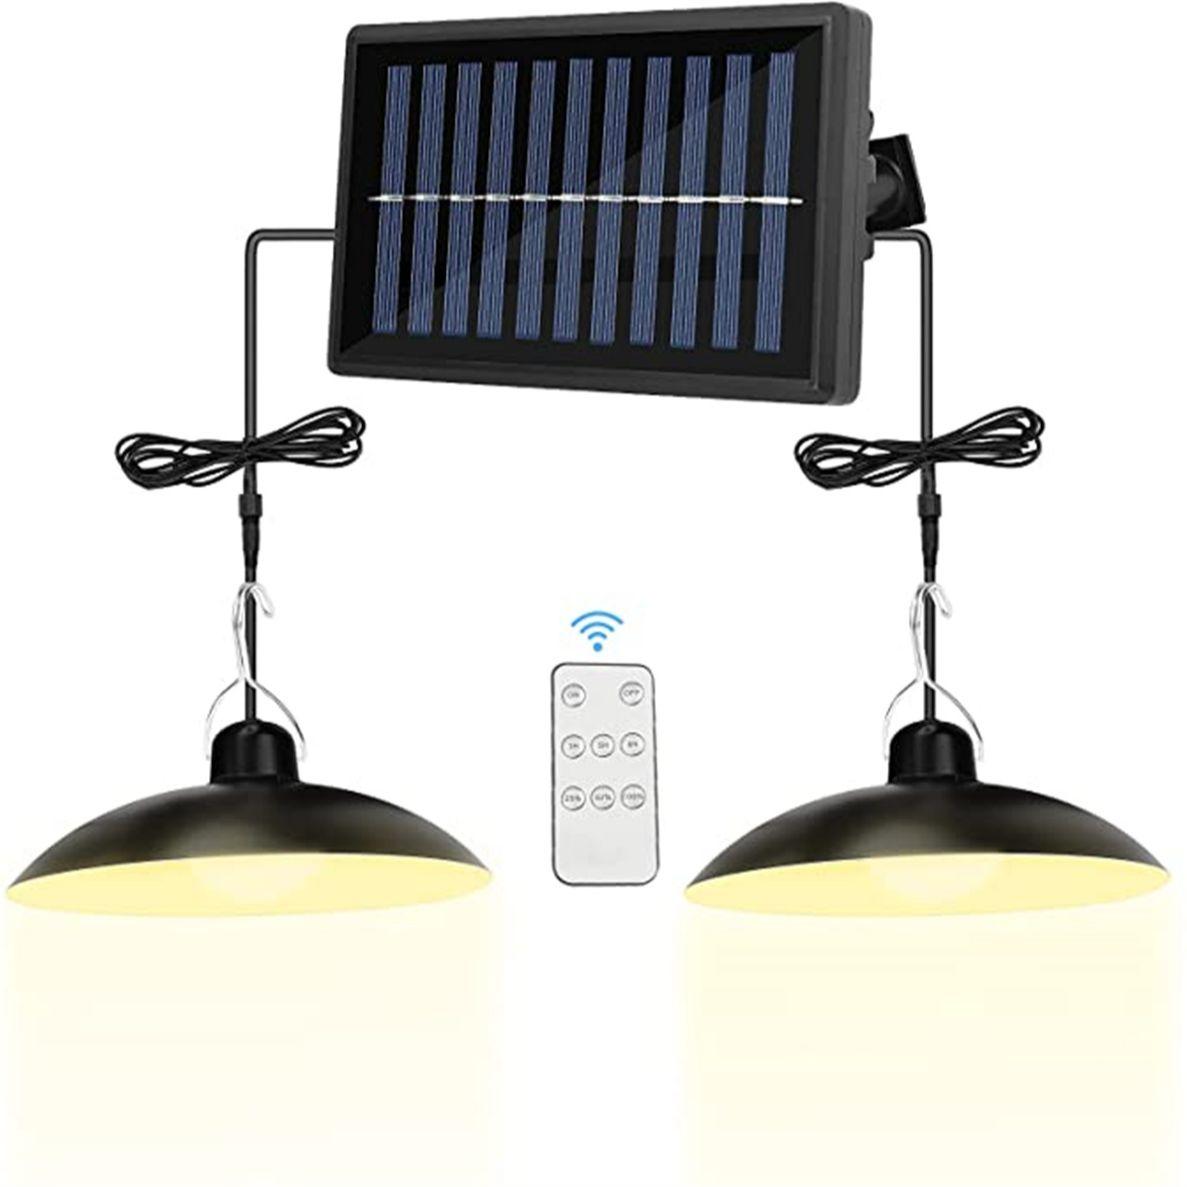 Подвесные светильники на солнечной батарее, уличная водонепроницаемая лампа с двойной головкой для кемпинга, сада, двора, IP65